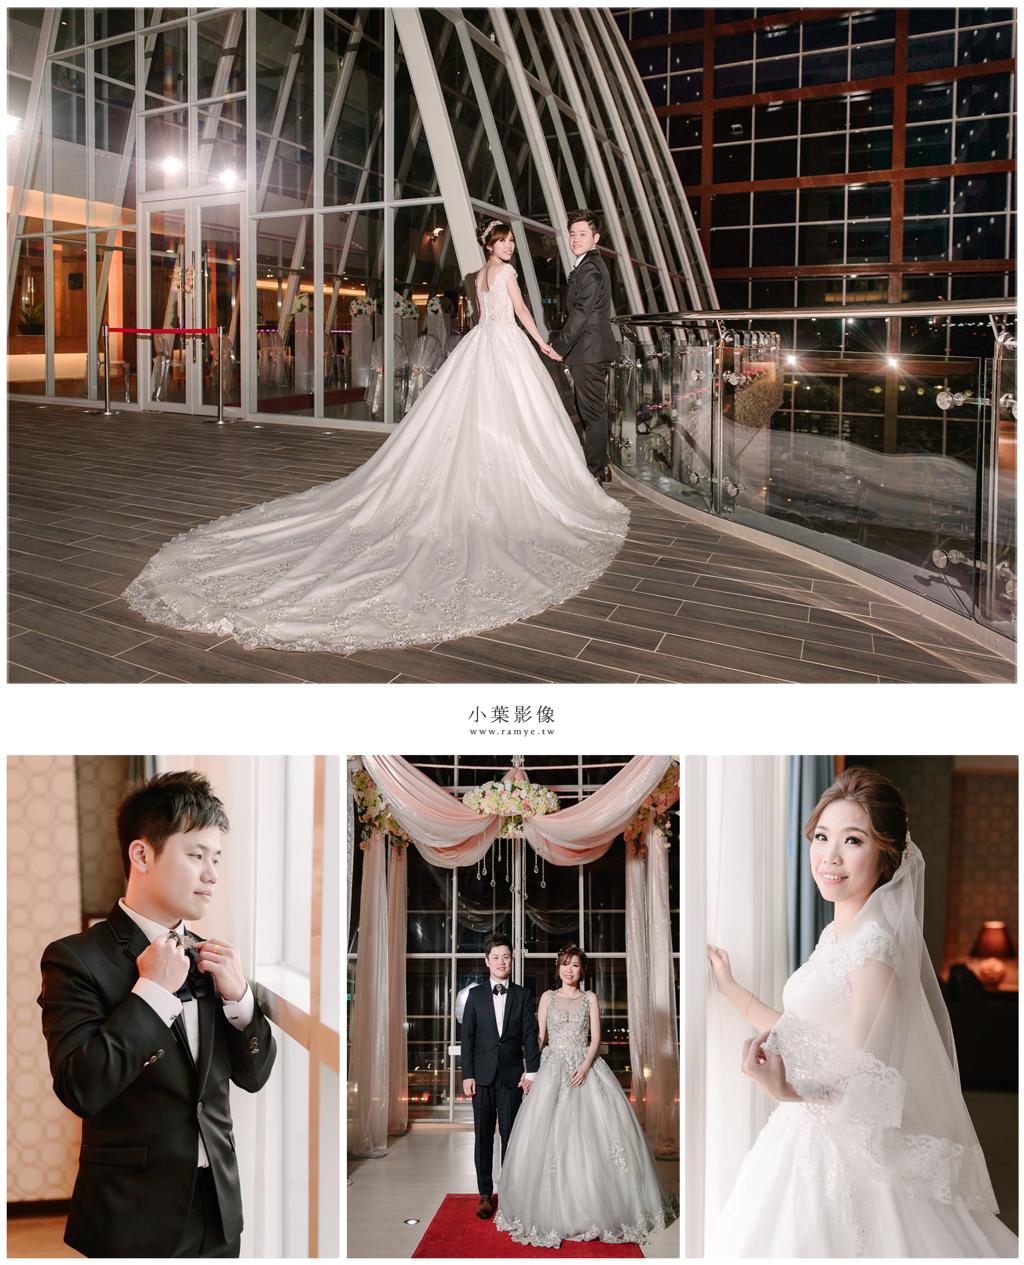 婚禮紀錄, 婚禮攝影, 桃禧航空城酒店, Rv幸福收藏盒婚禮主持顧問,